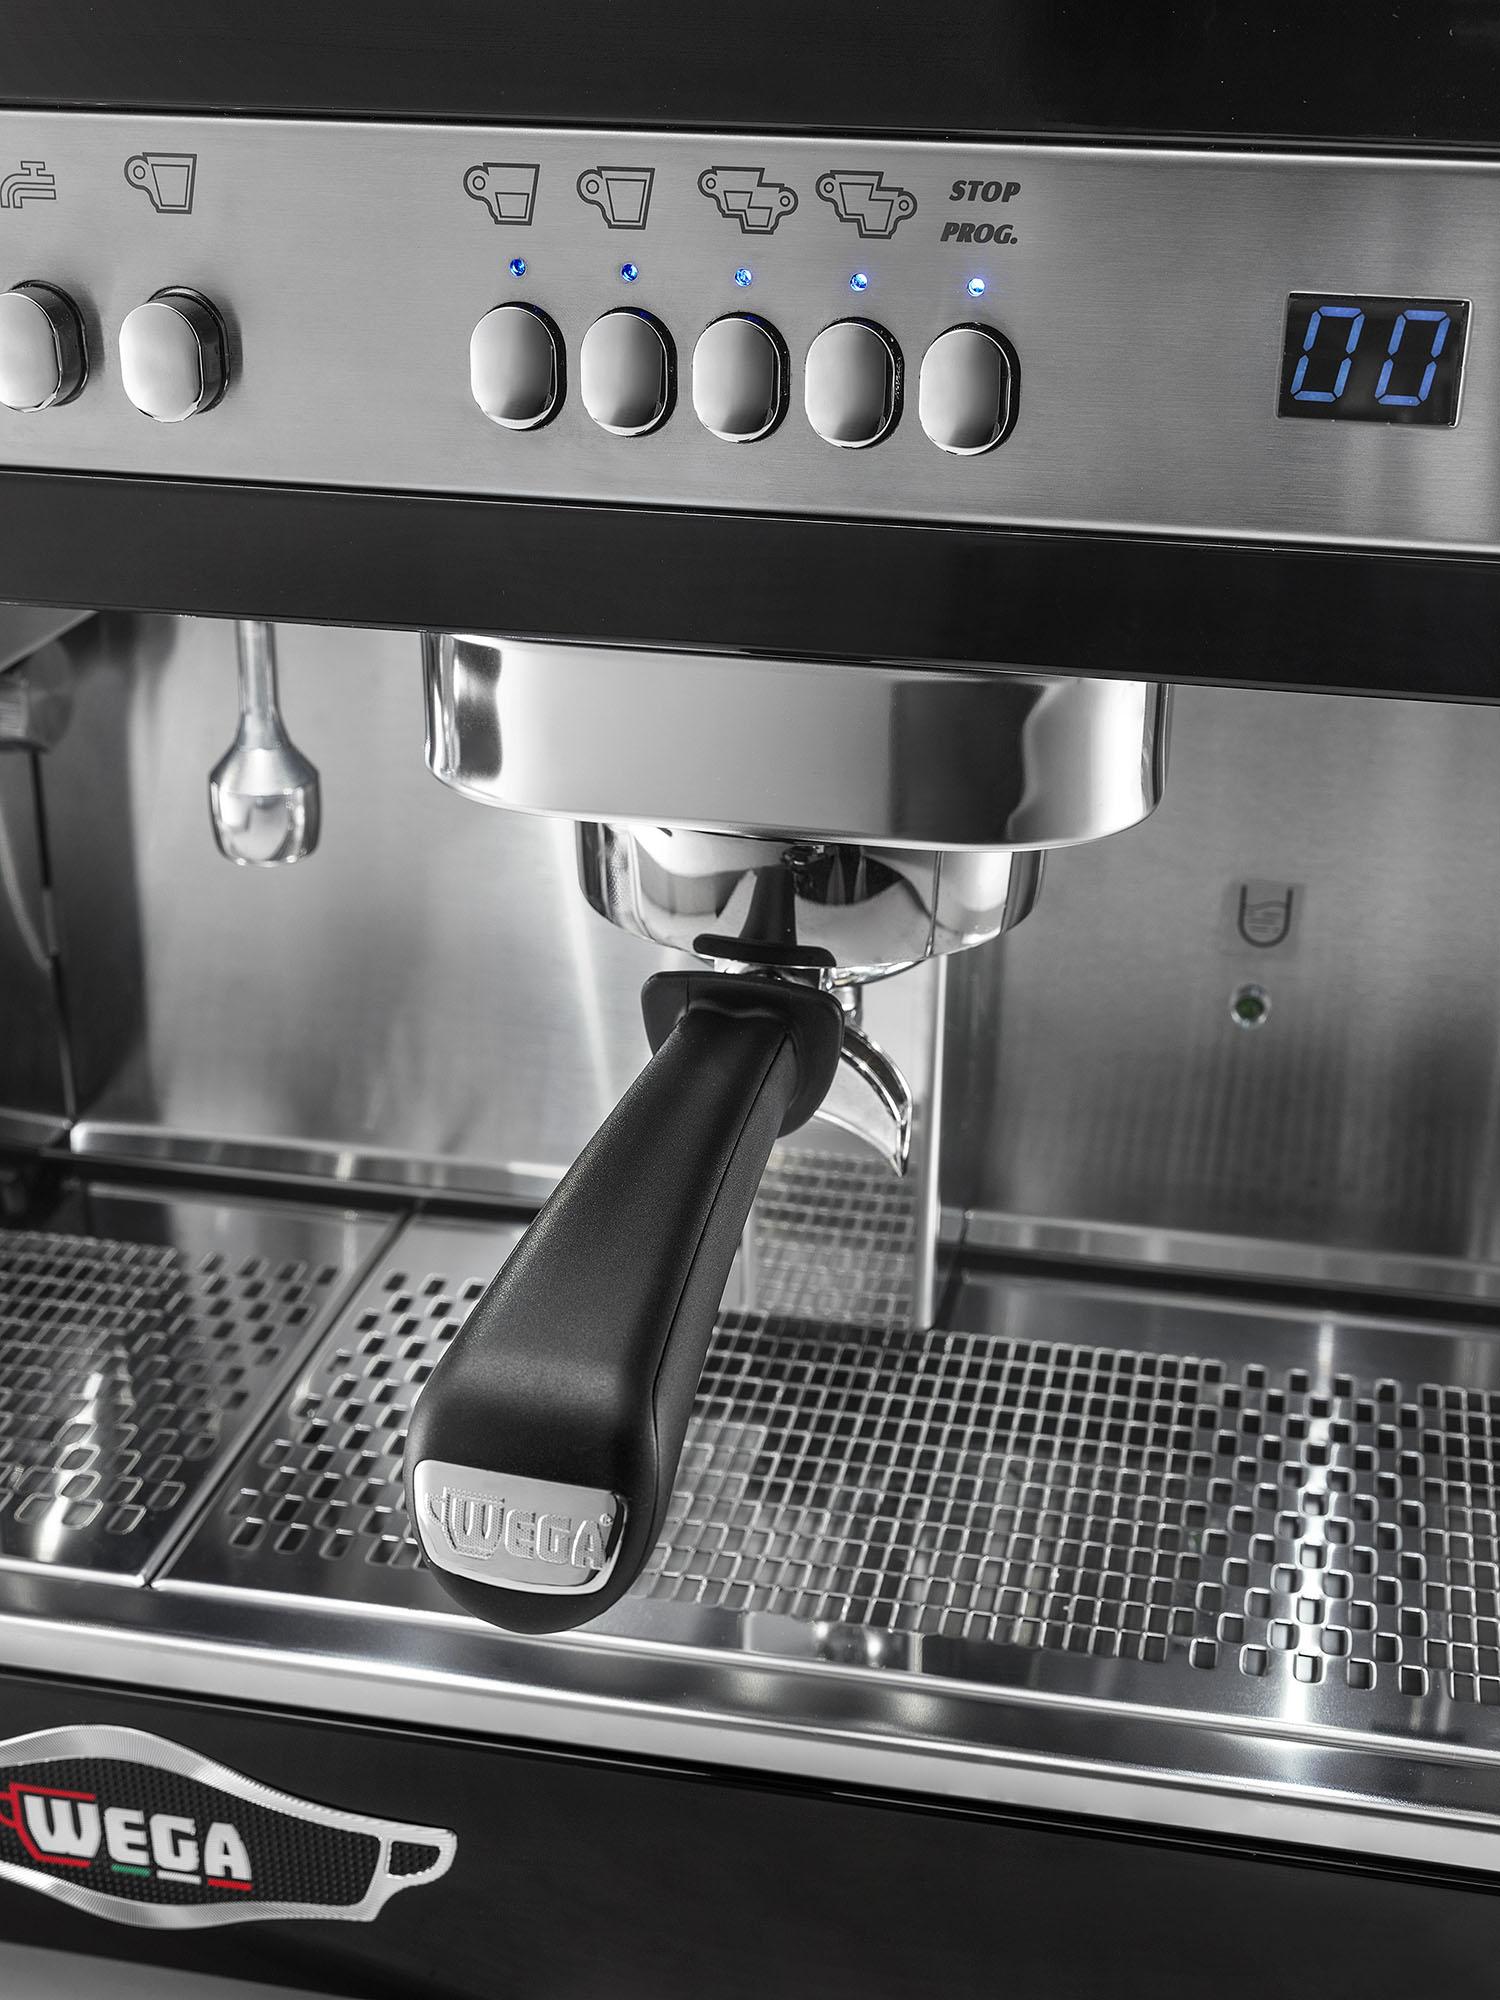 Macchina Caffé Wega